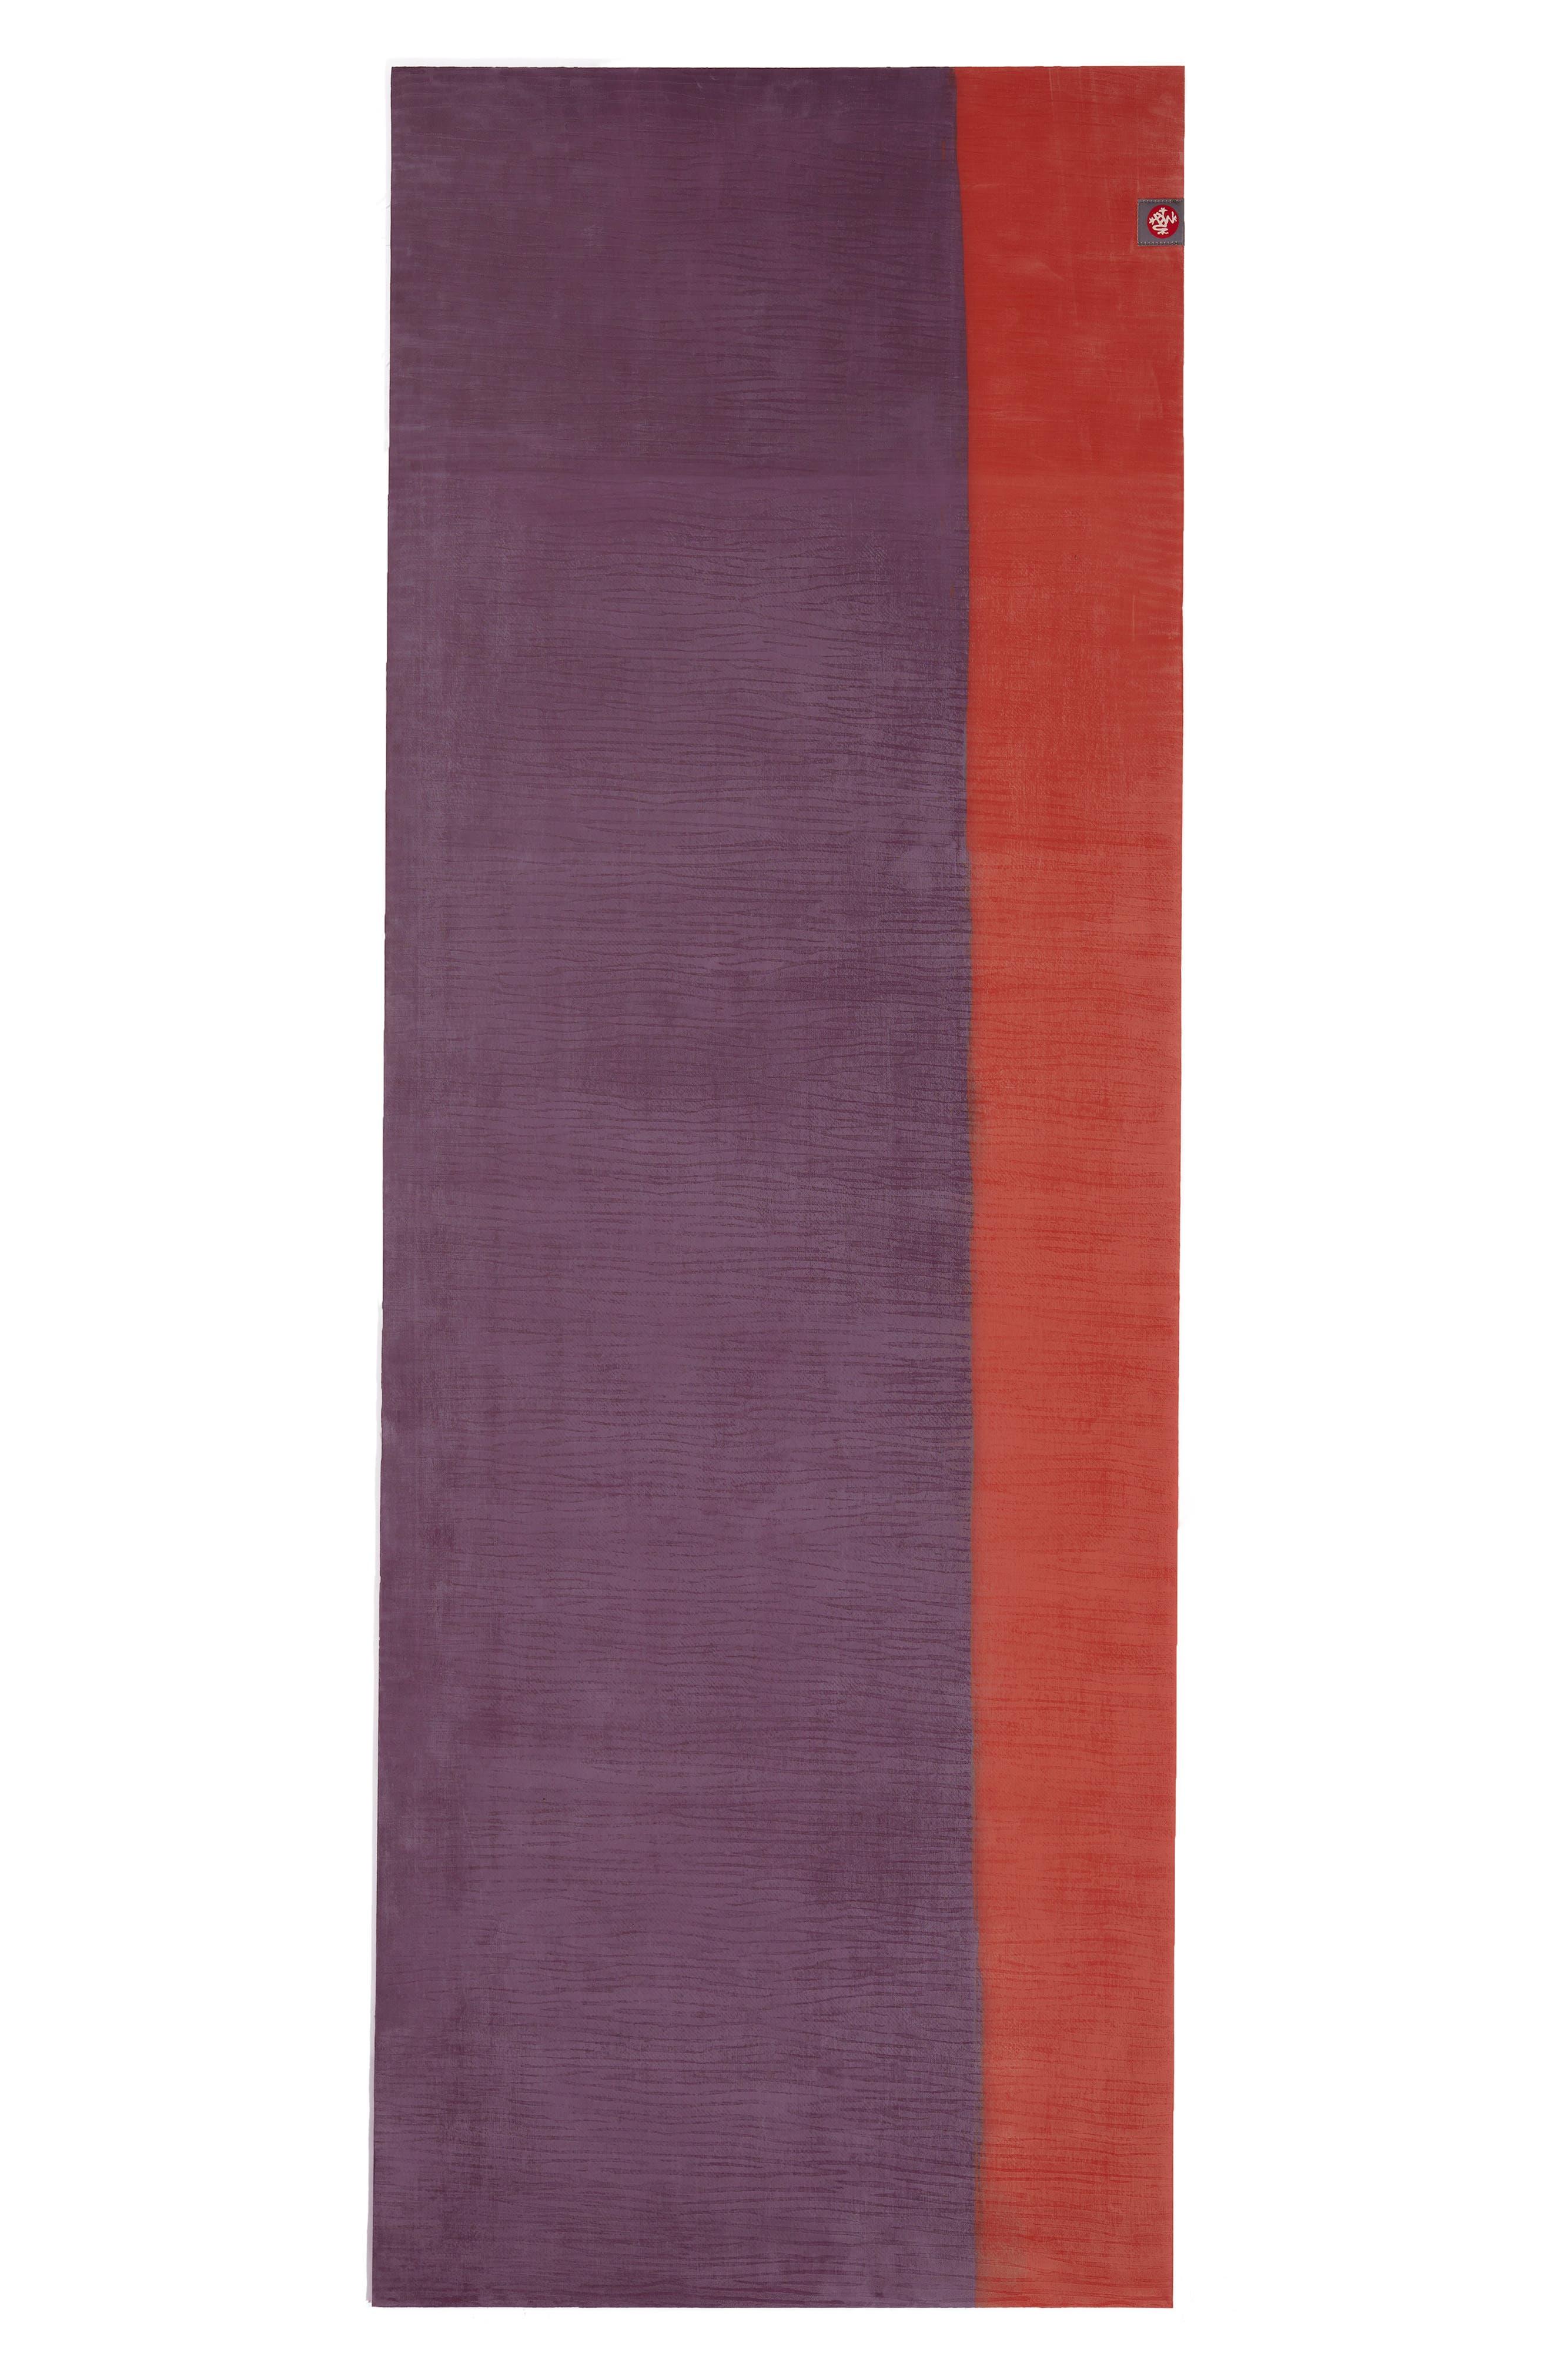 eKO<sup>®</sup> Lite 4mm Yoga Mat,                             Main thumbnail 1, color,                             KHANGAI